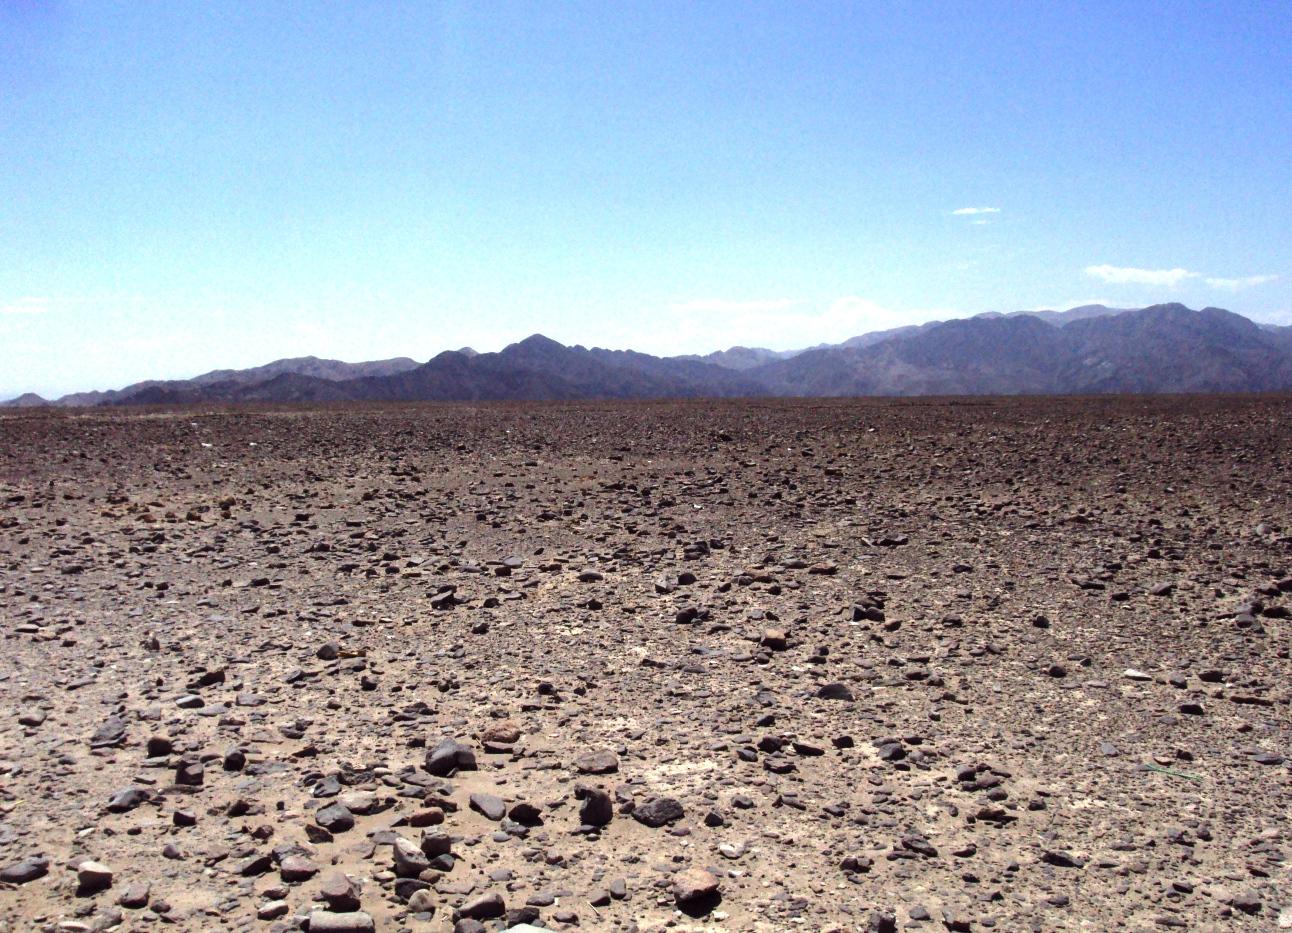 ナスカ付近の岩石砂漠。